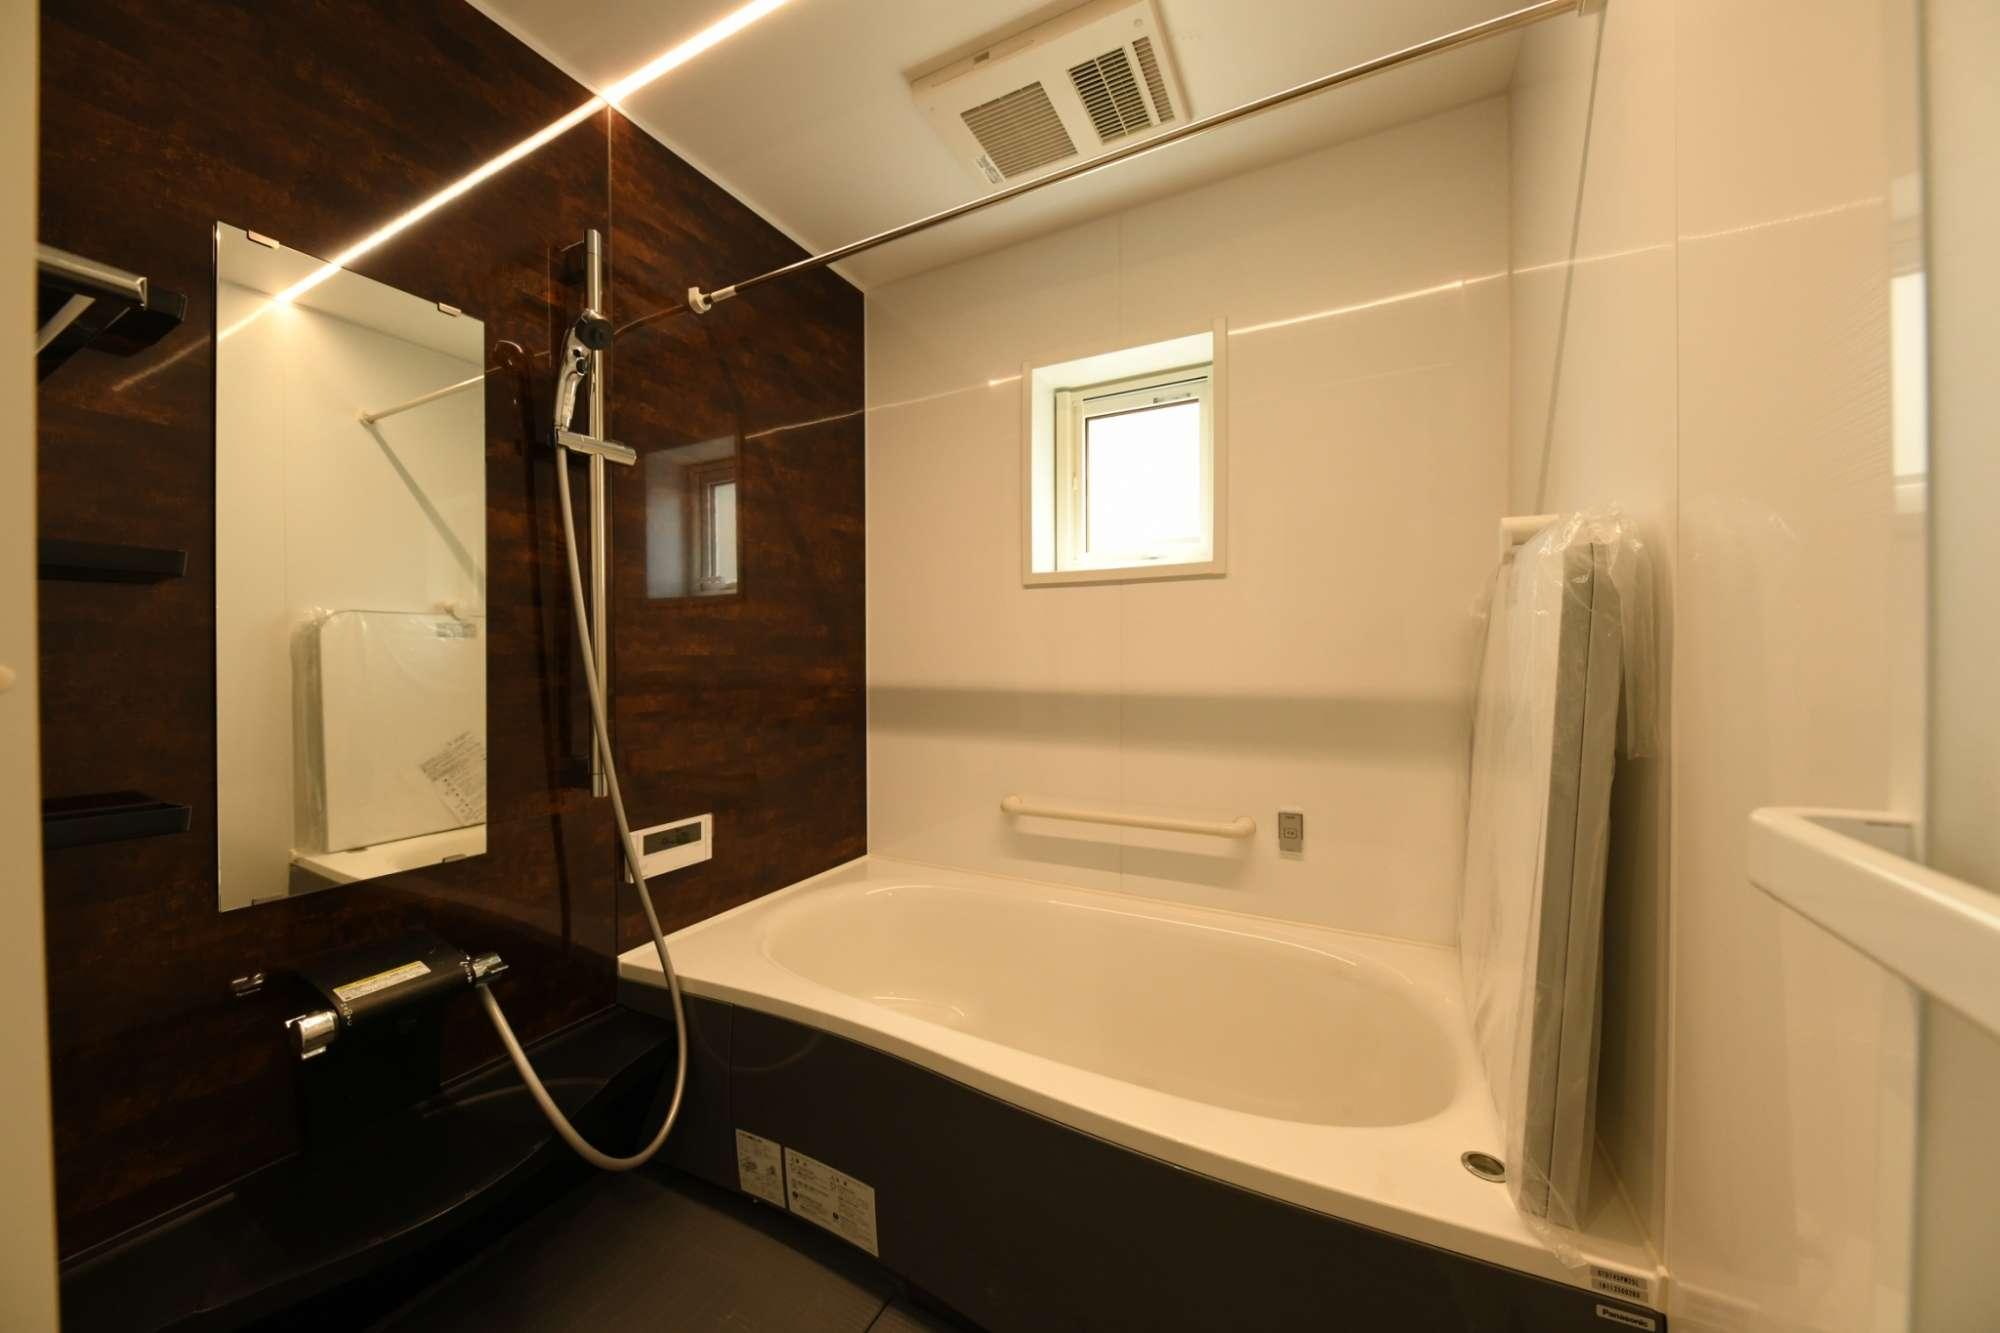 ゆったりとリララックスできる広いバスルーム -  -  -